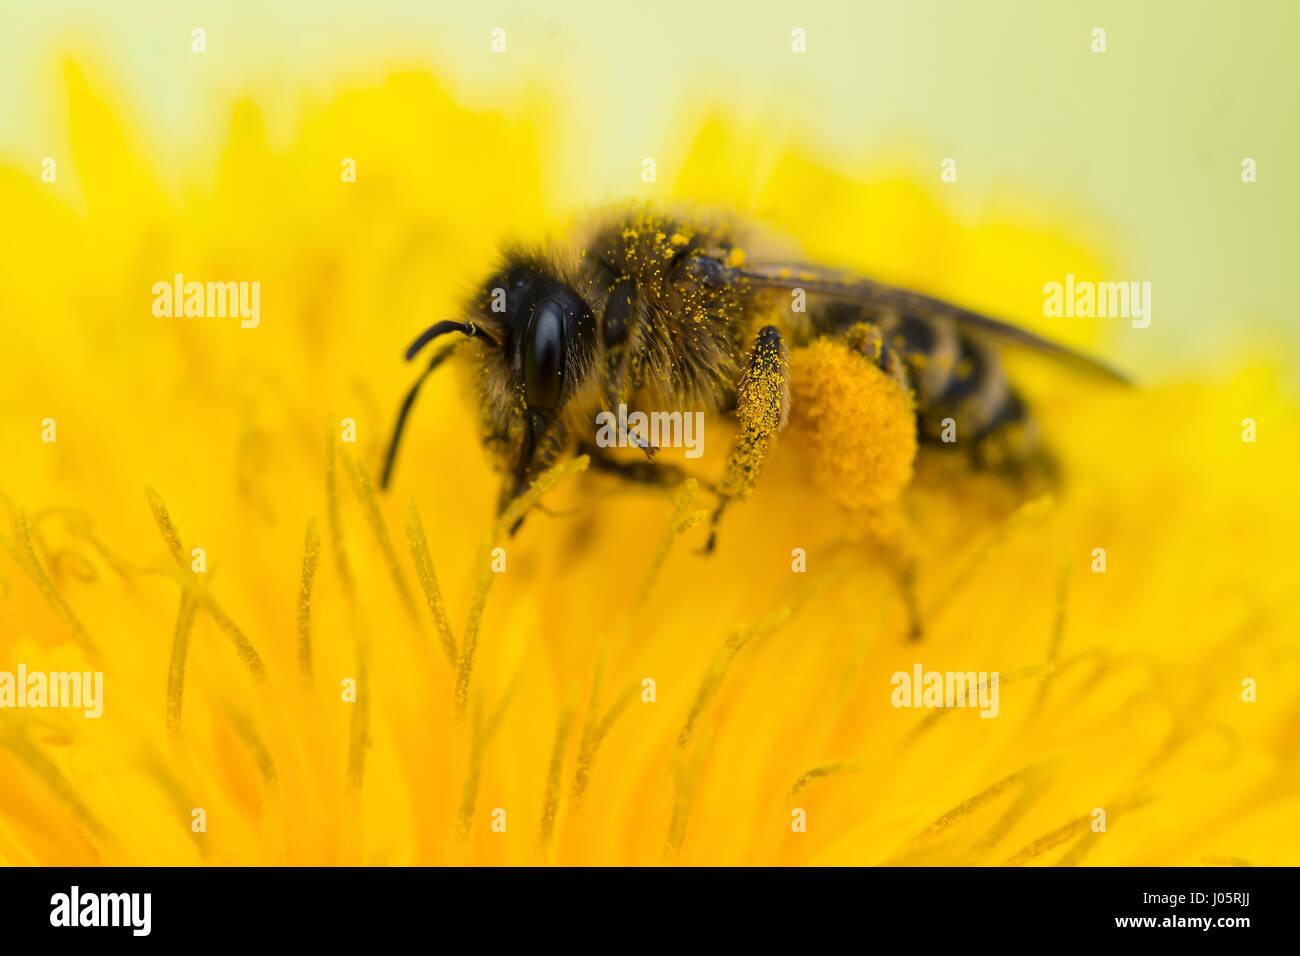 Cerca de una abeja de miel (Apis mellifera) recogiendo polen de un diente de león (Taraxacum officinale) Foto de stock